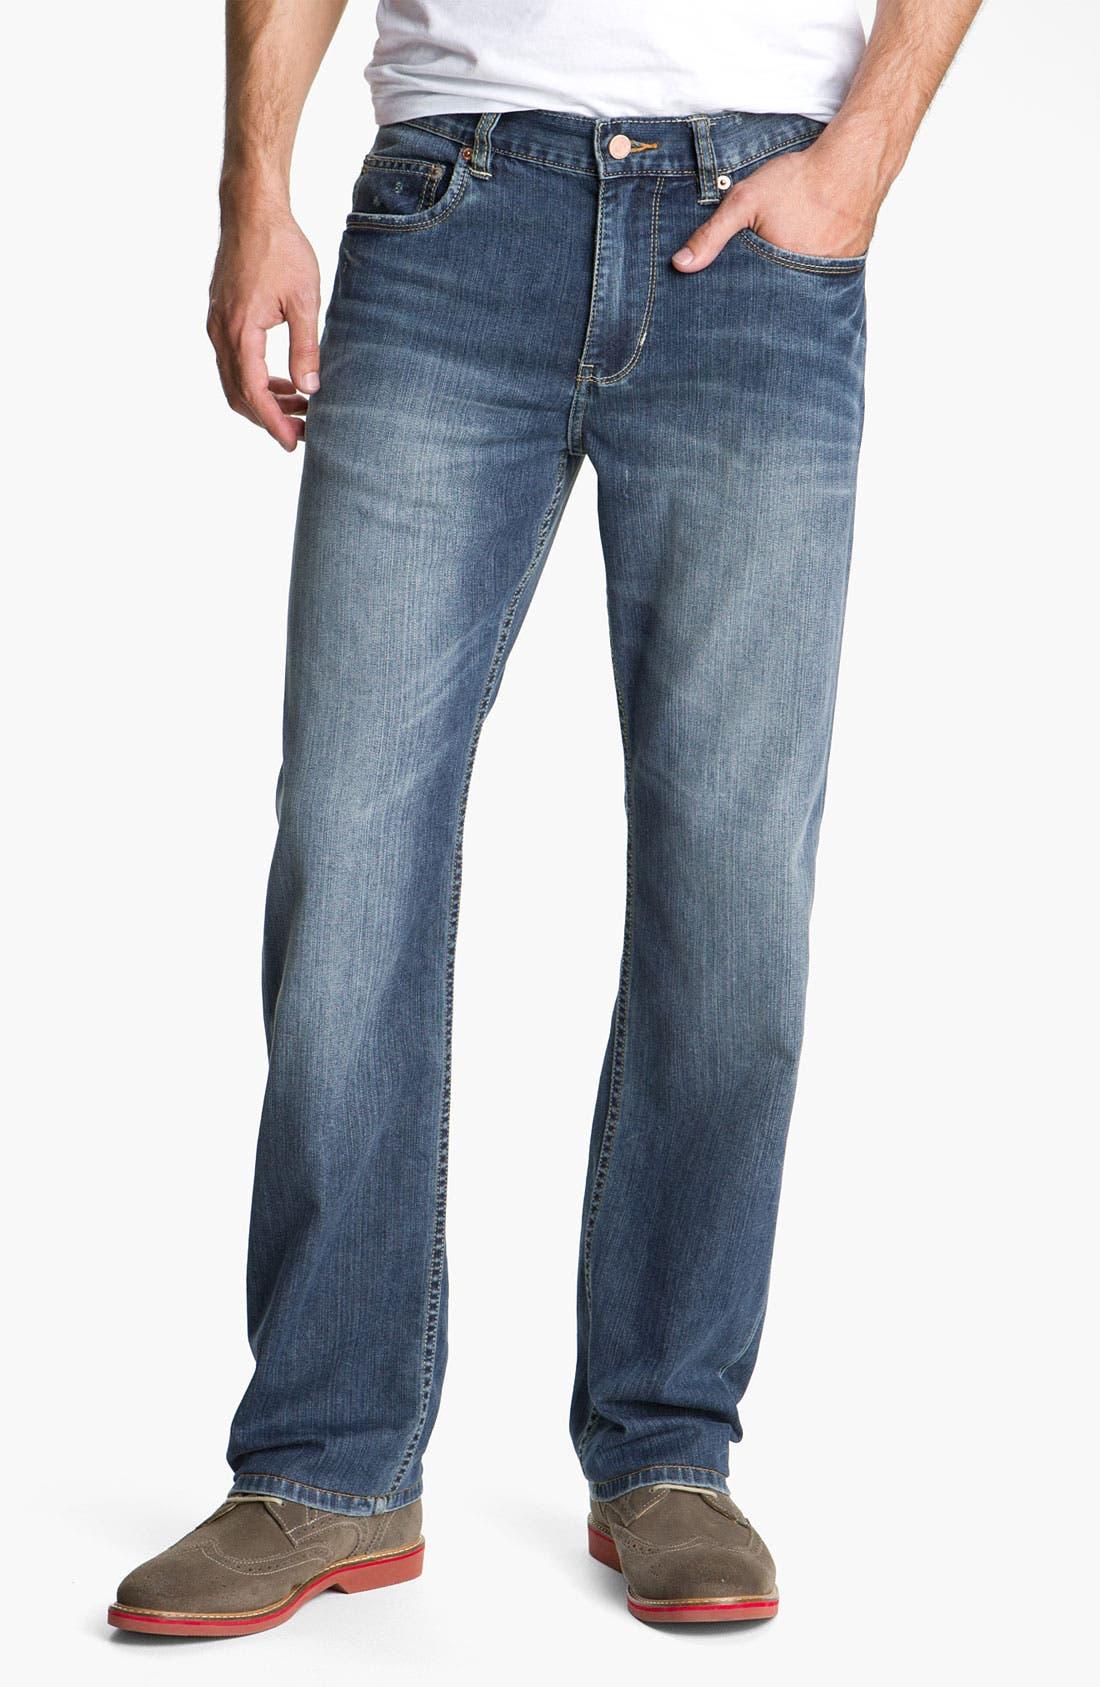 Alternate Image 1 Selected - Tommy Bahama Denim 'Dylan' Standard Fit Jeans (Vintage Medium)(Big & Tall)